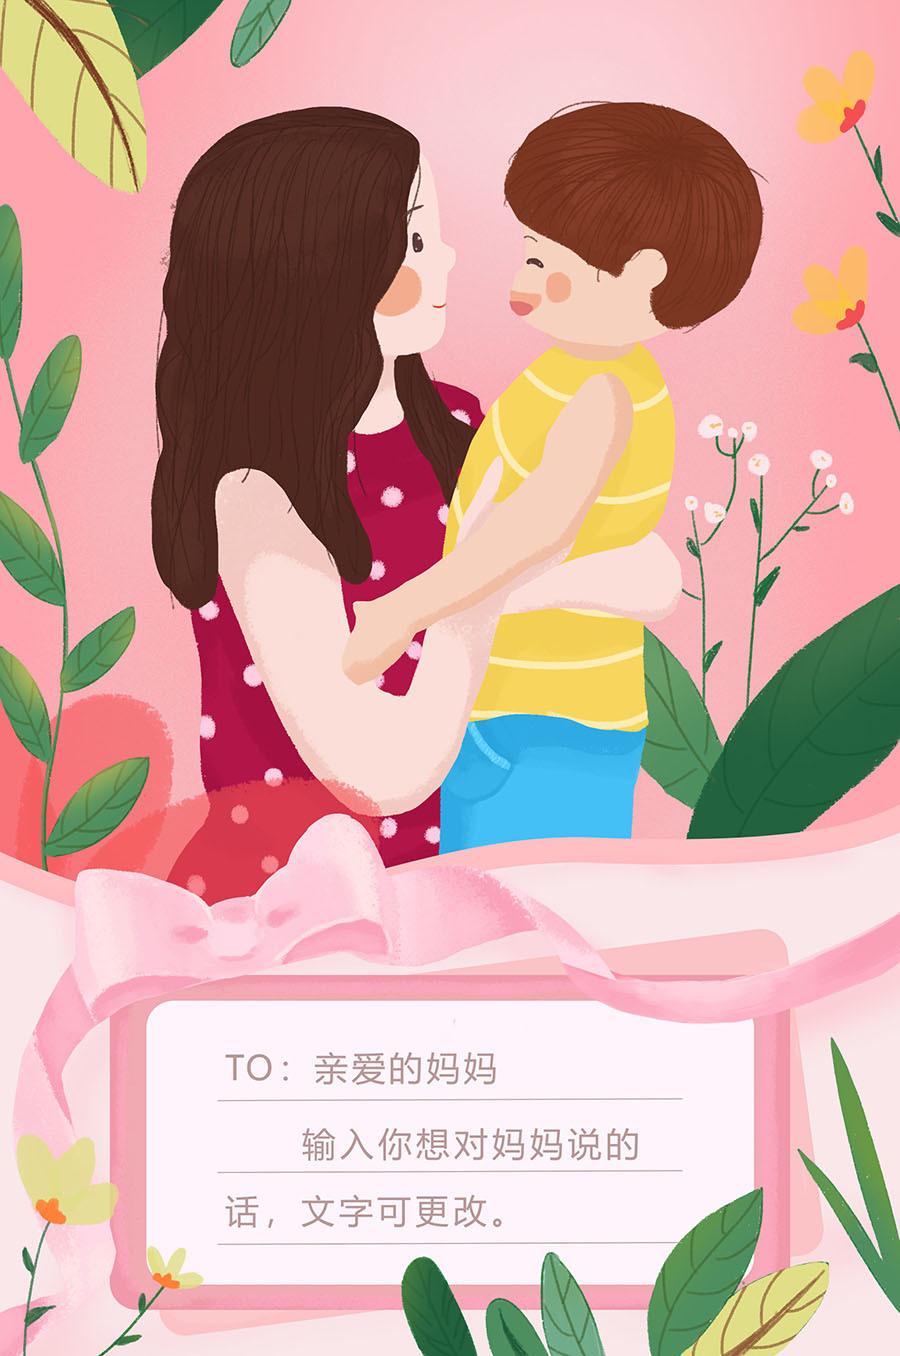 清新卡通手绘母亲节插画素材 插画-第4张